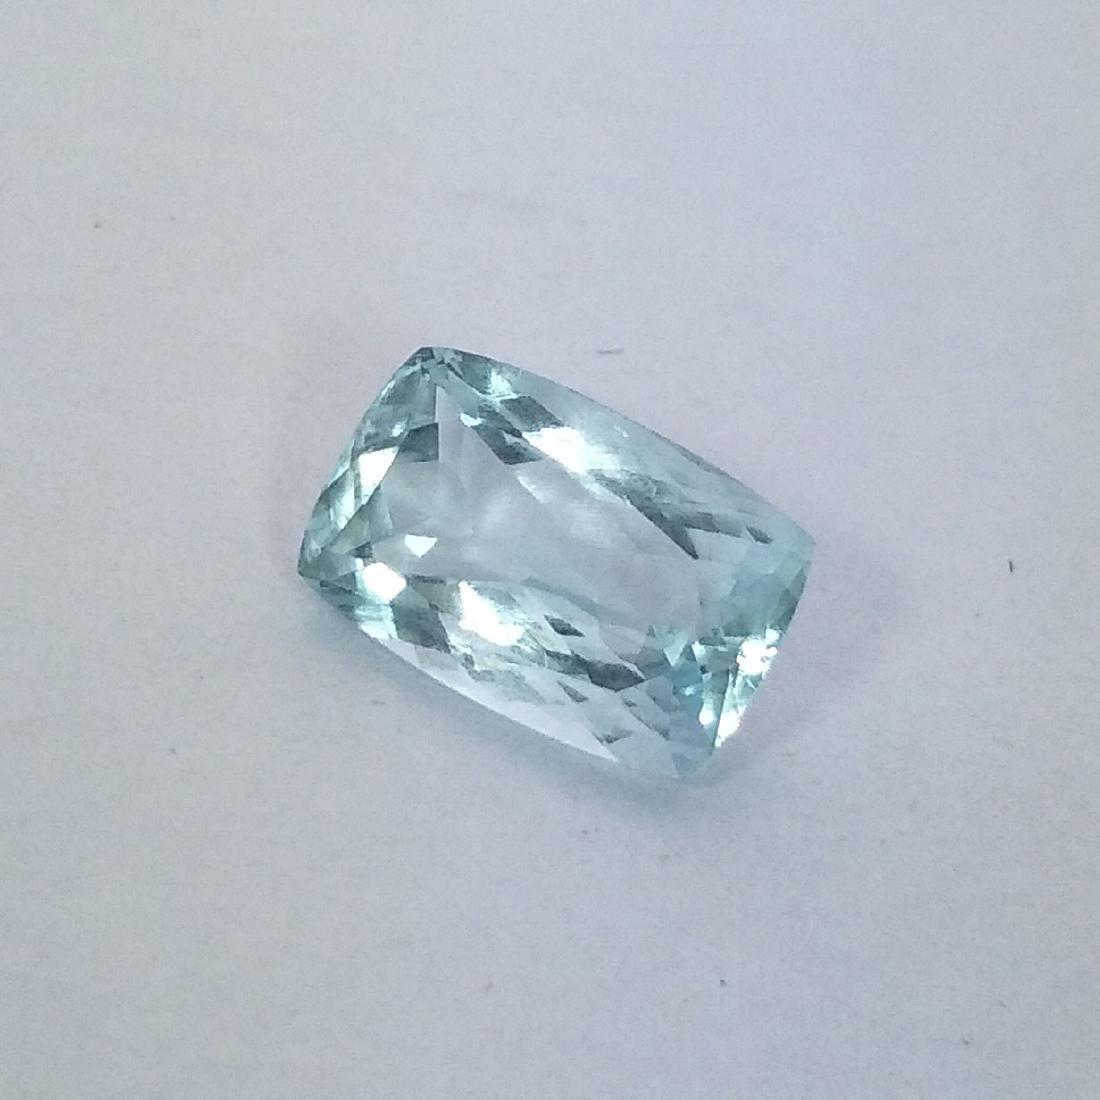 Aquamarine - 1.98 ct - 2